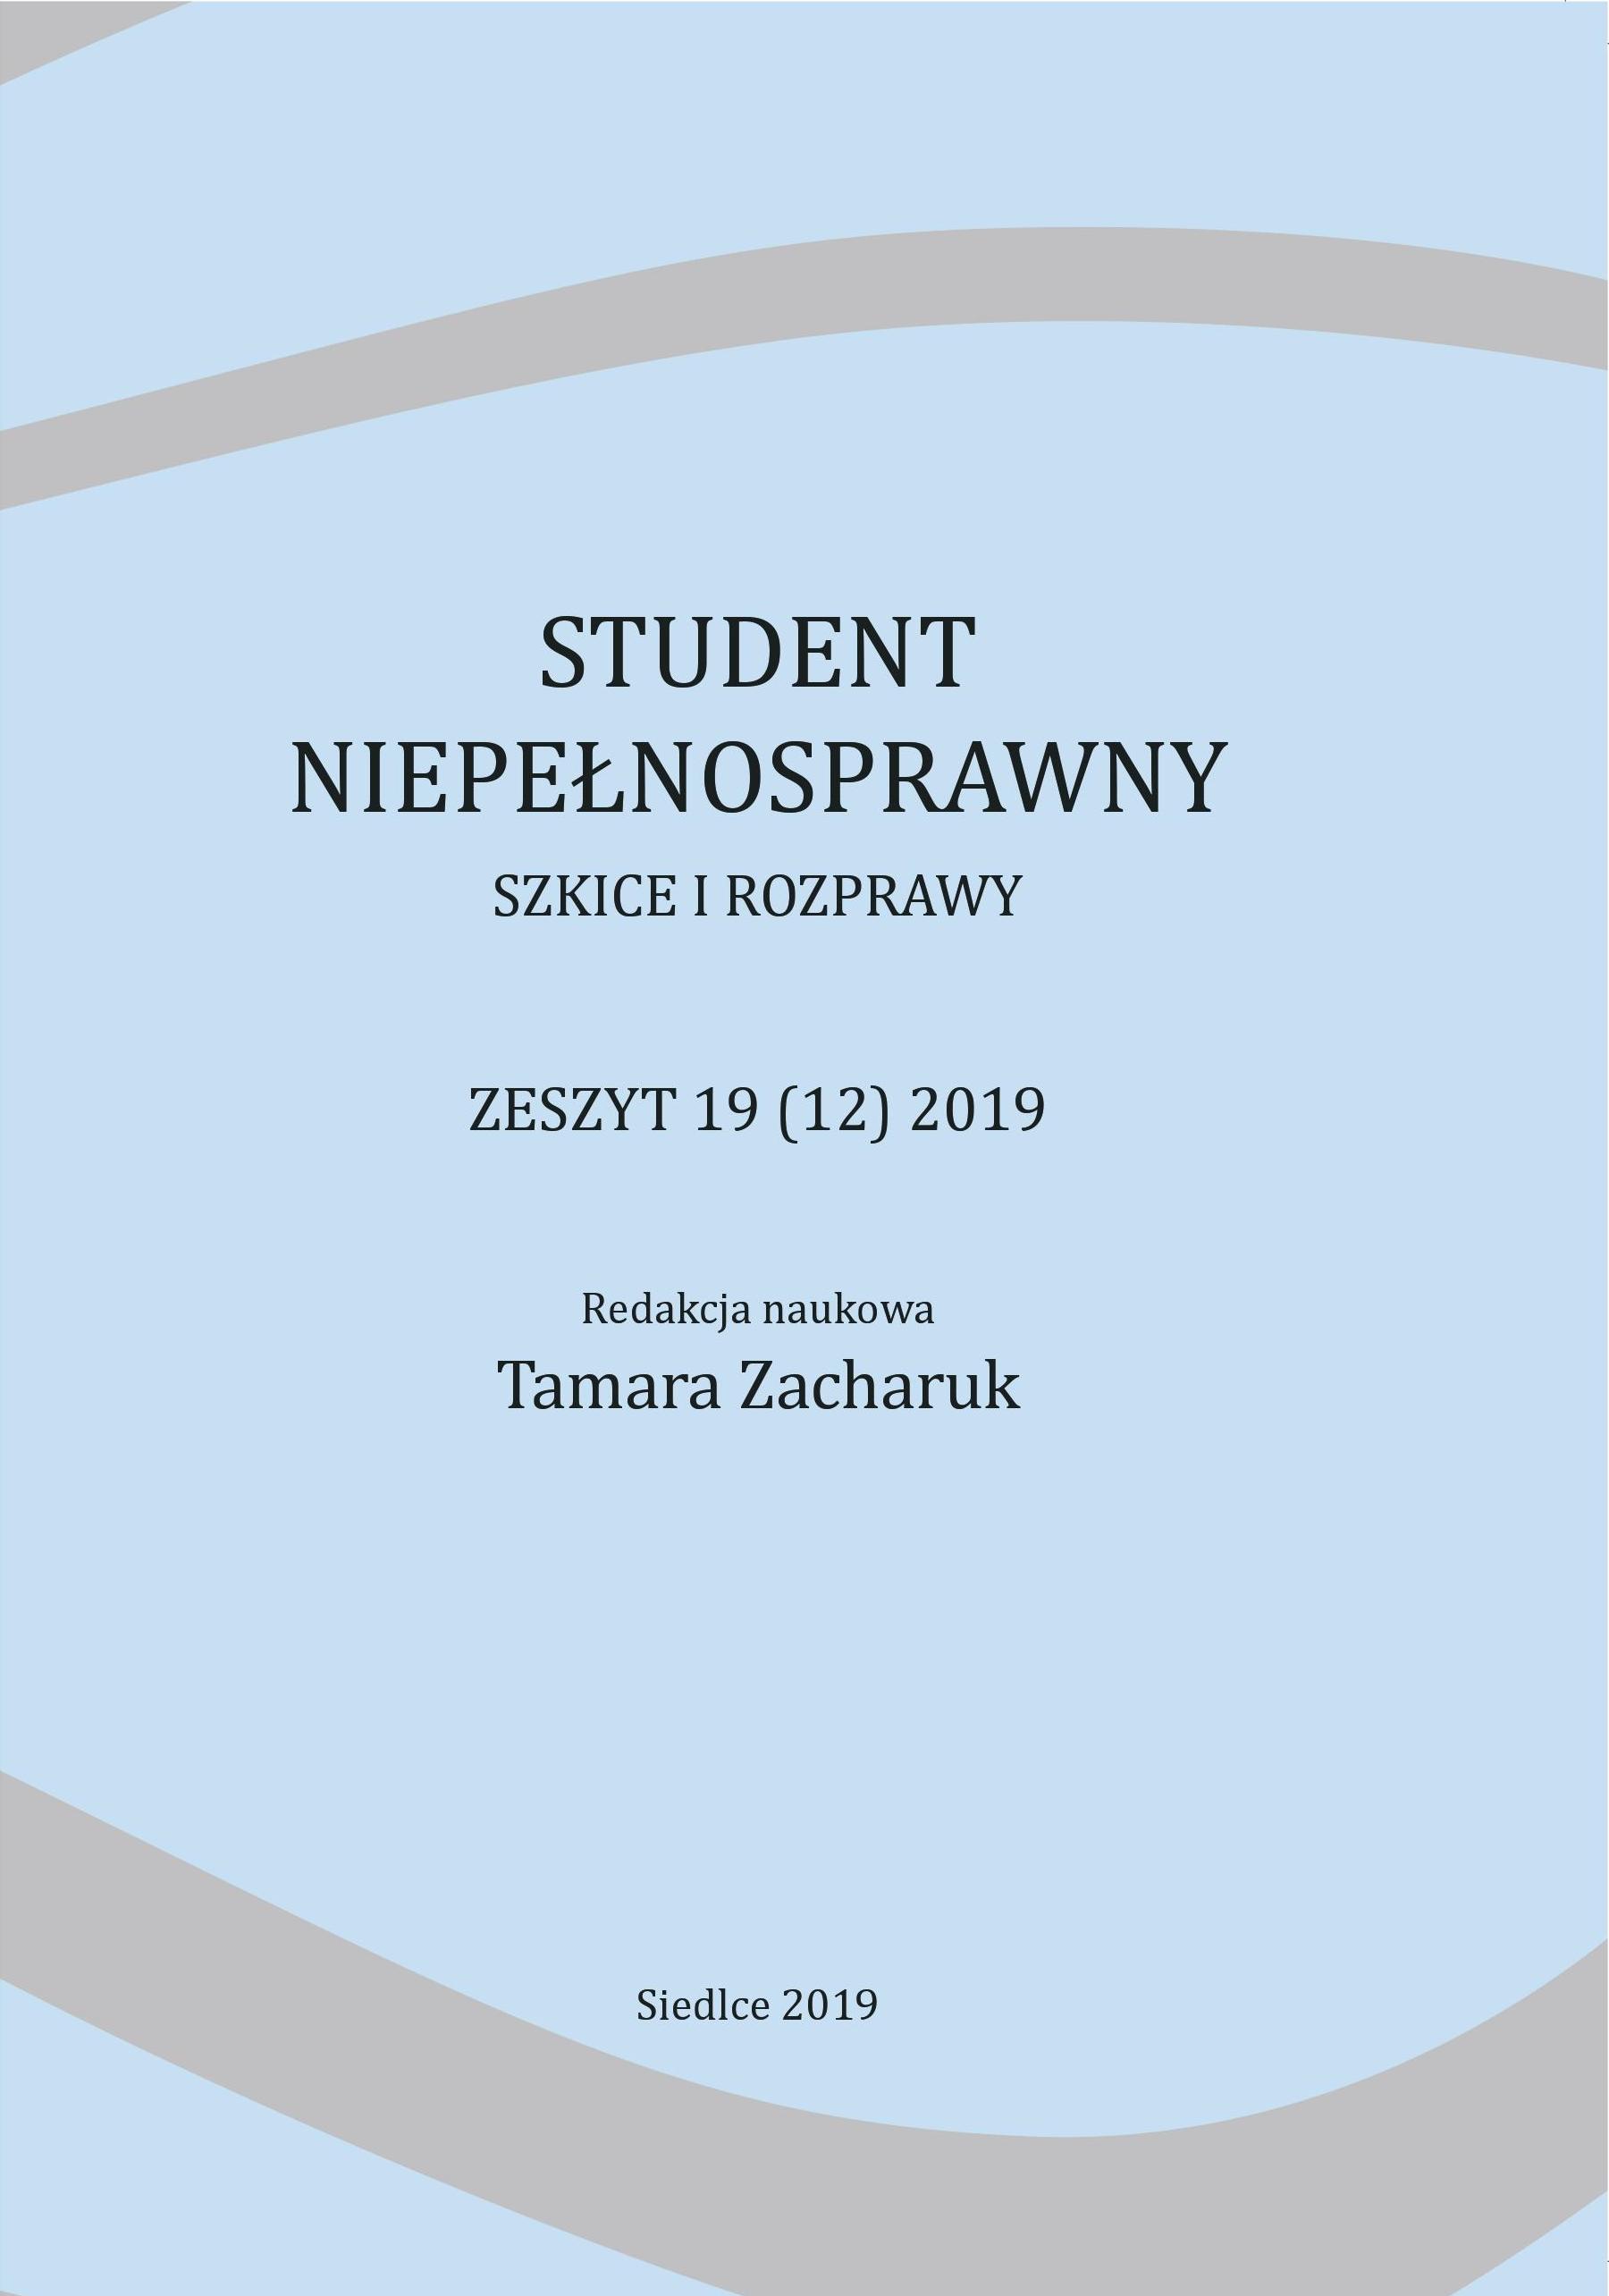 Student Niepełnosprawny 2019